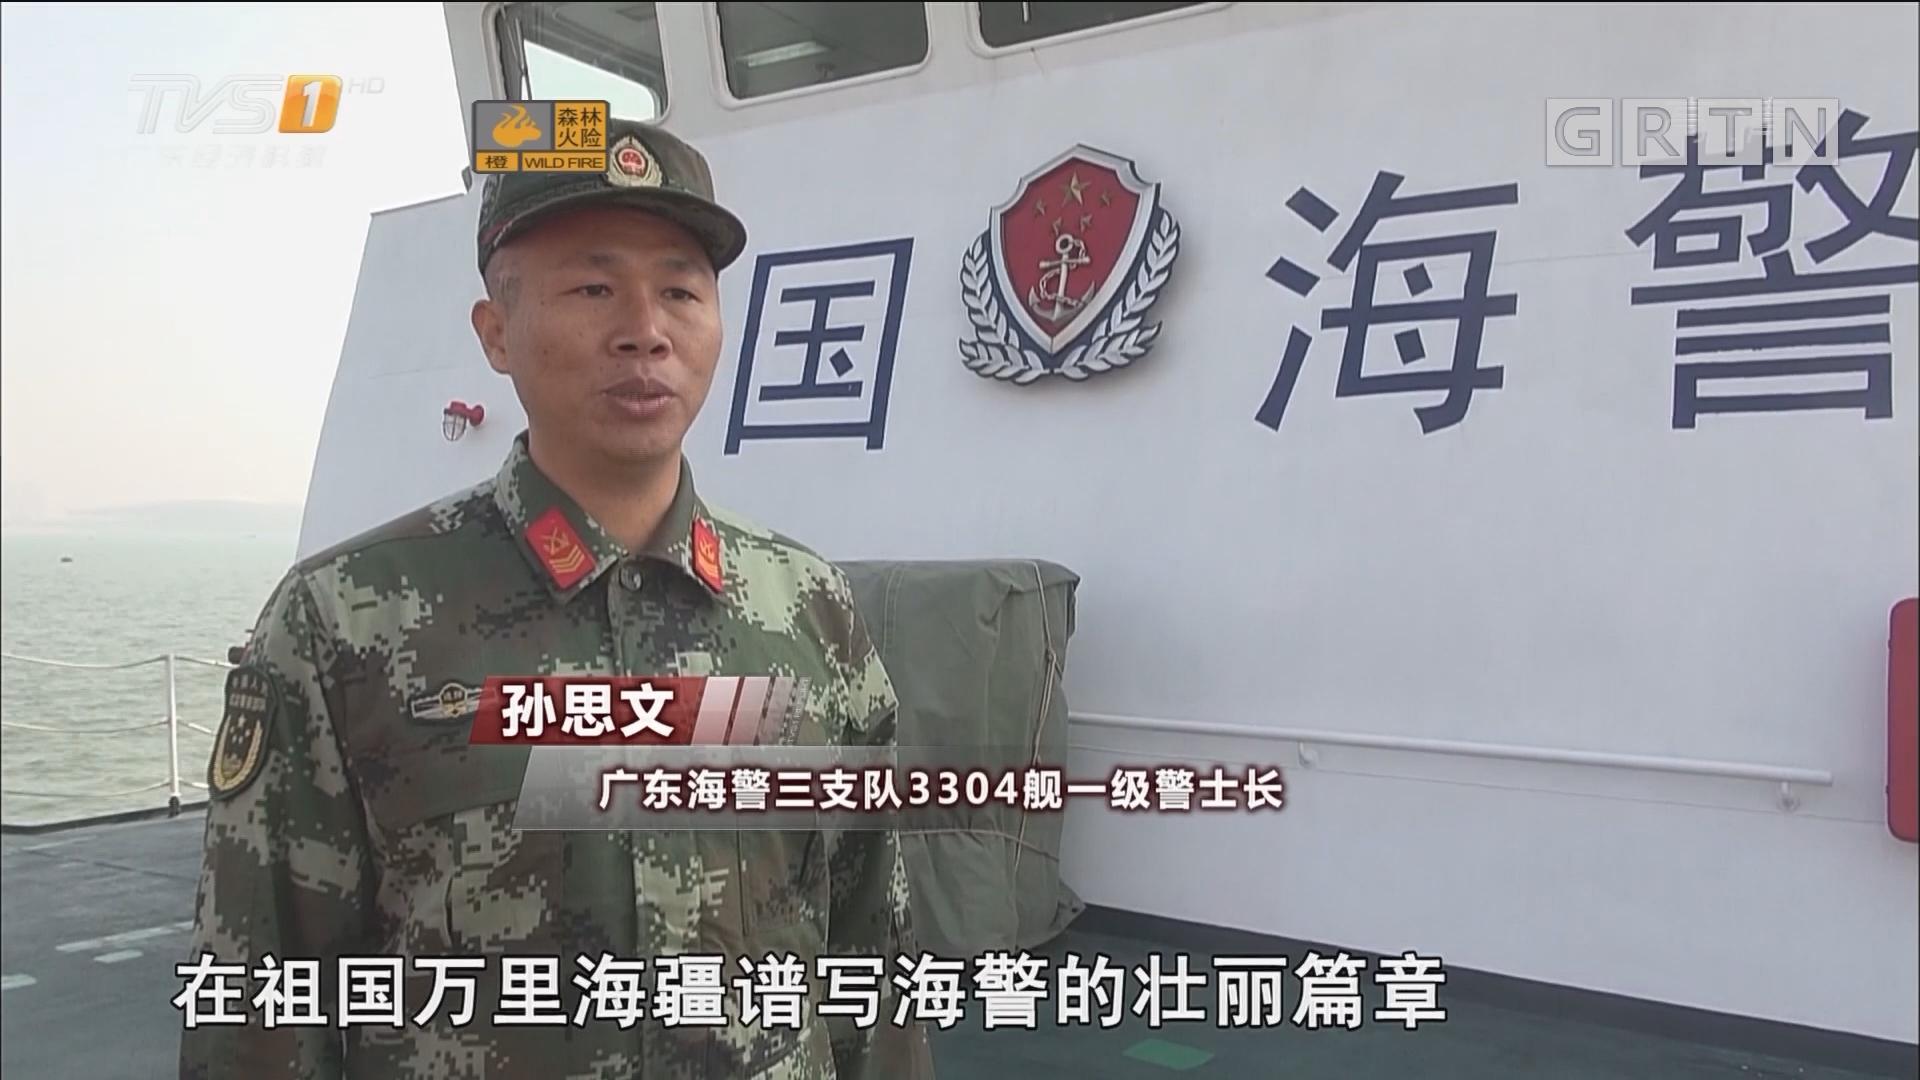 十九大代表上舰艇 宣讲中国特色强军之路